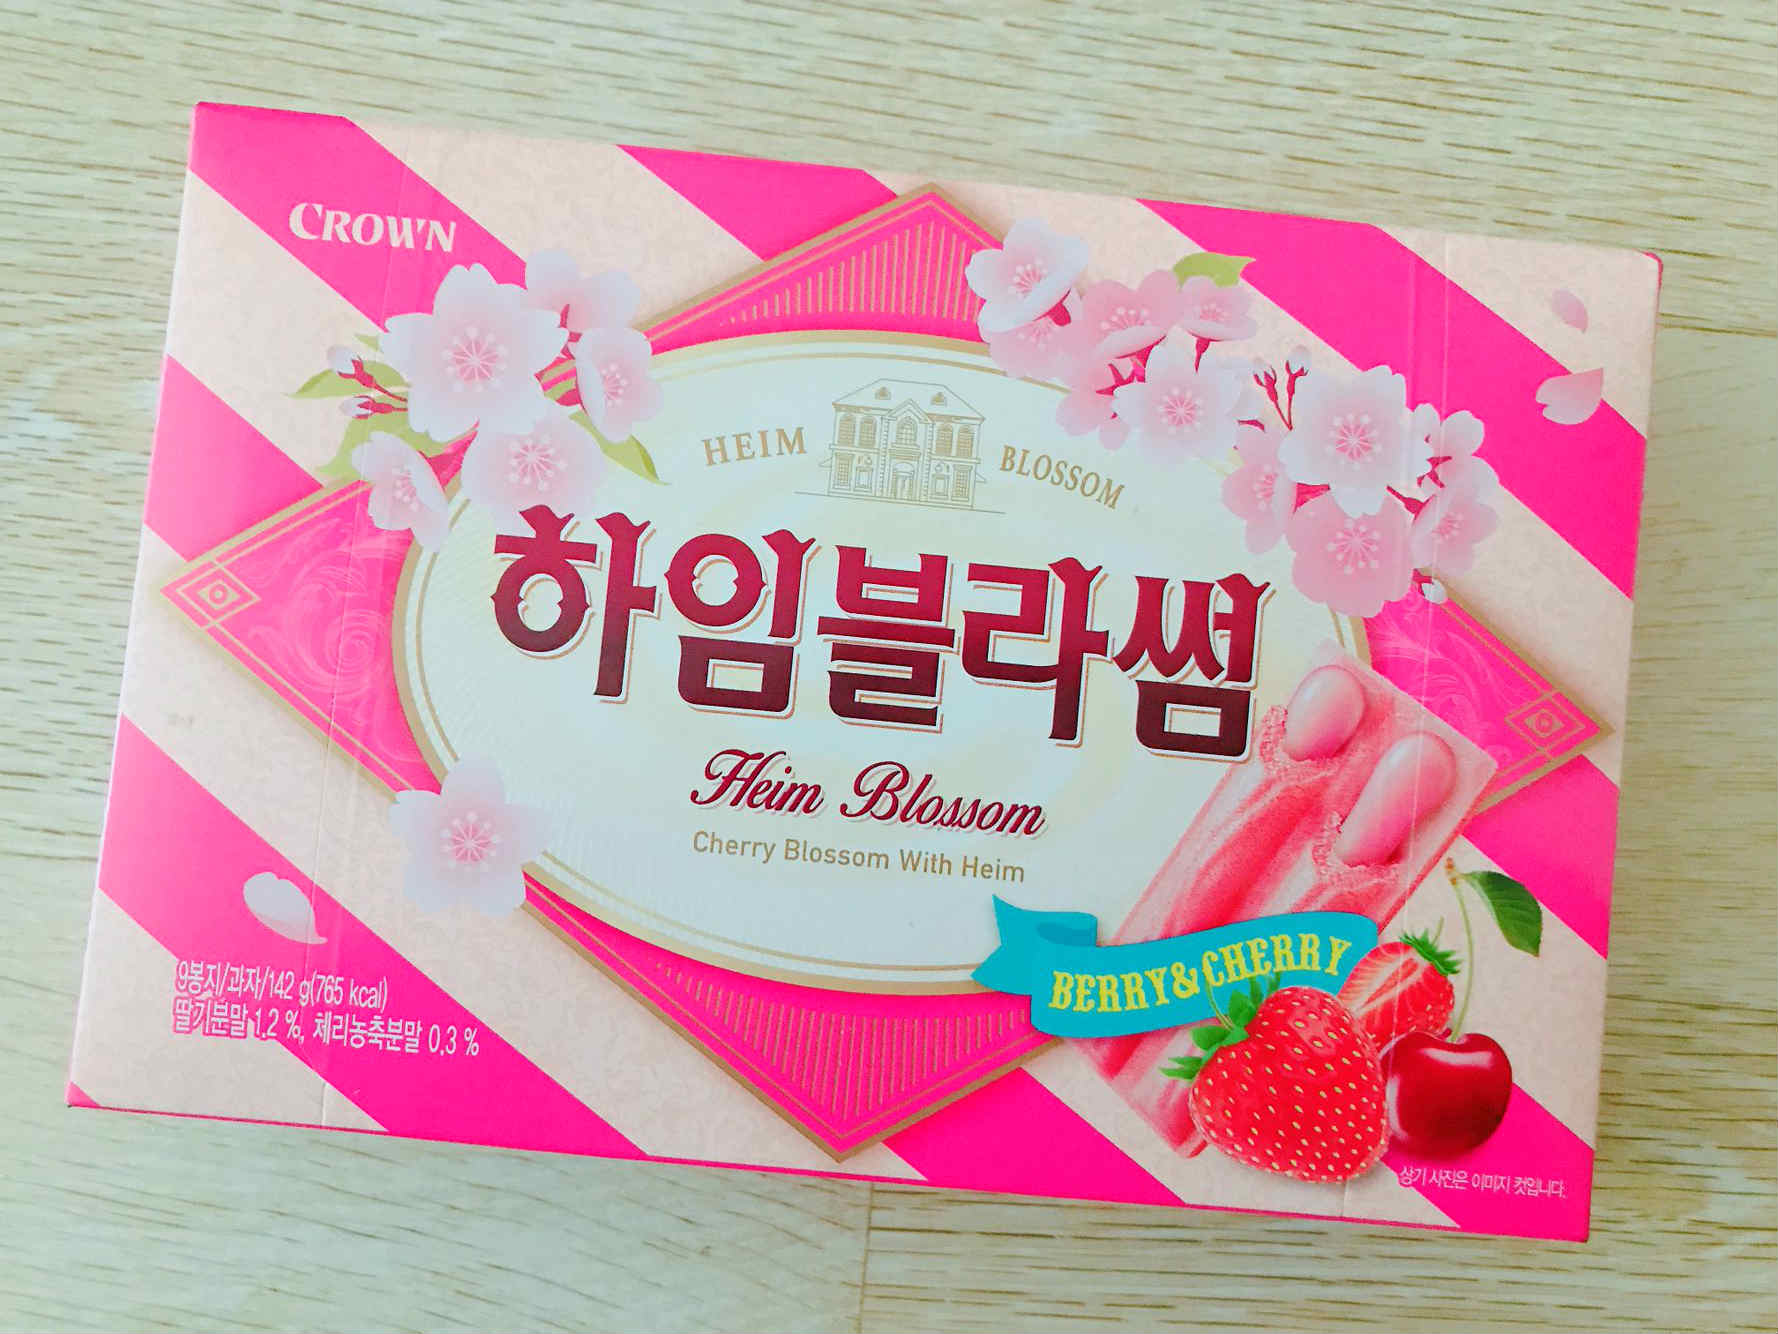 符合櫻花季節,桃紅色的包裝,完全刺激了少女們的購買欲望啊!